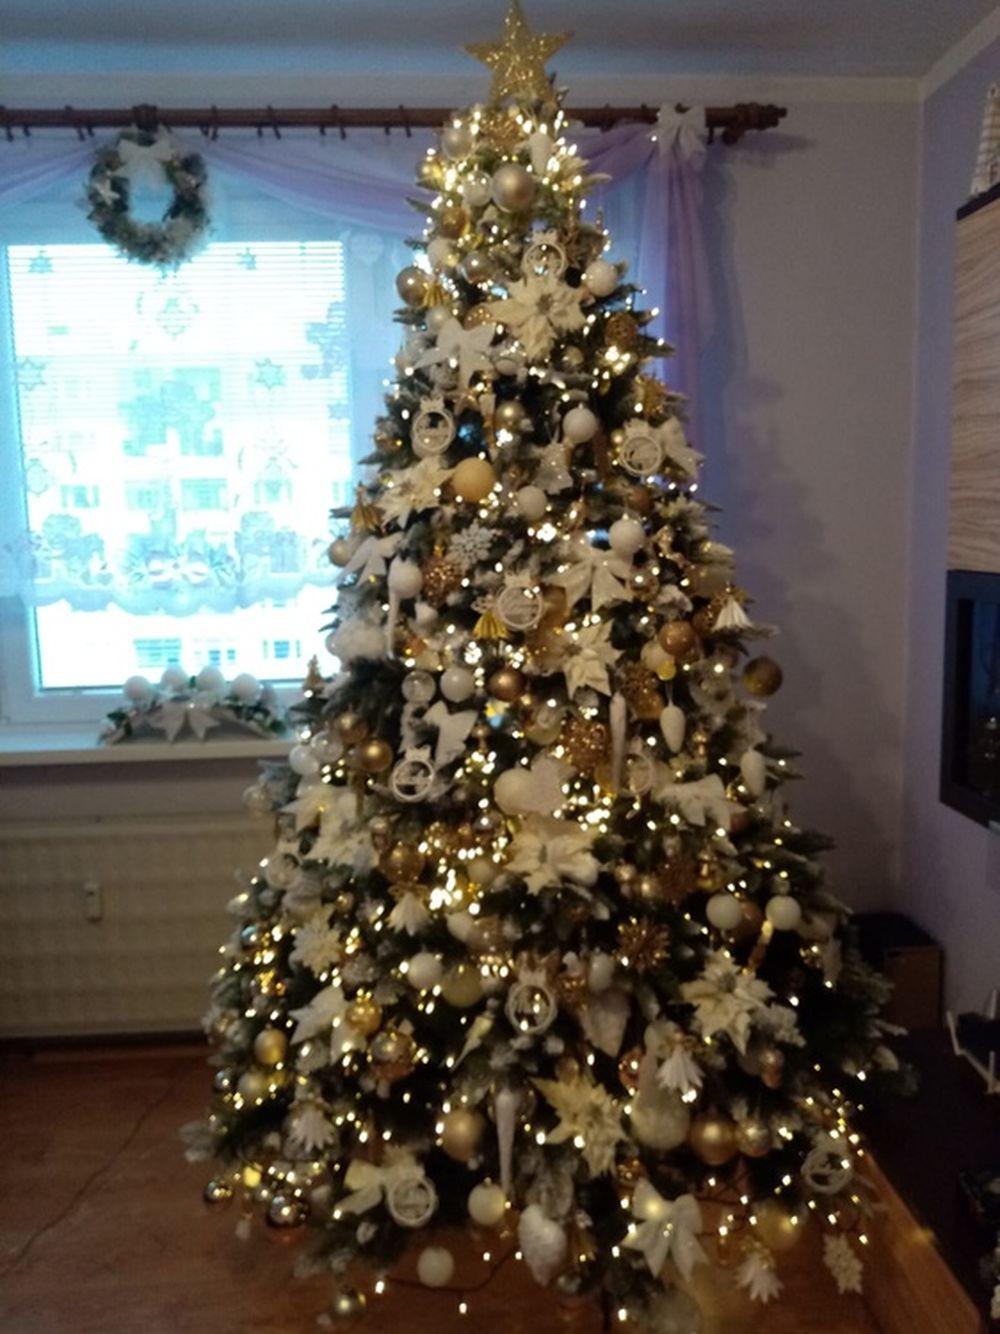 FOTO: Vianočné stromčeky v Žiline - výber fotografií našich čitateľov, foto 50